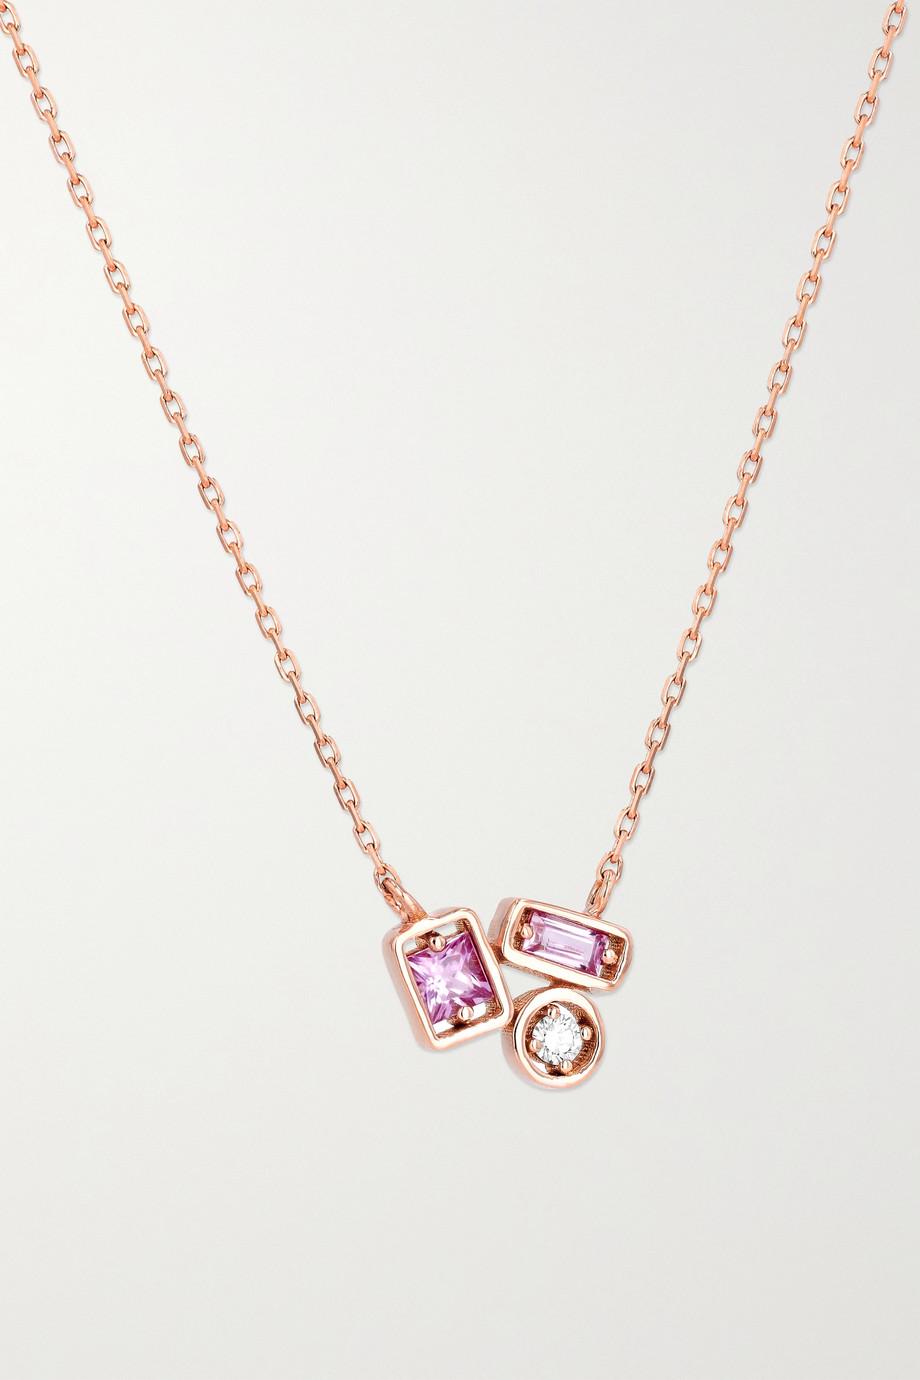 Suzanne Kalan Kette aus 18Karat Roségold mit Saphiren und Diamant